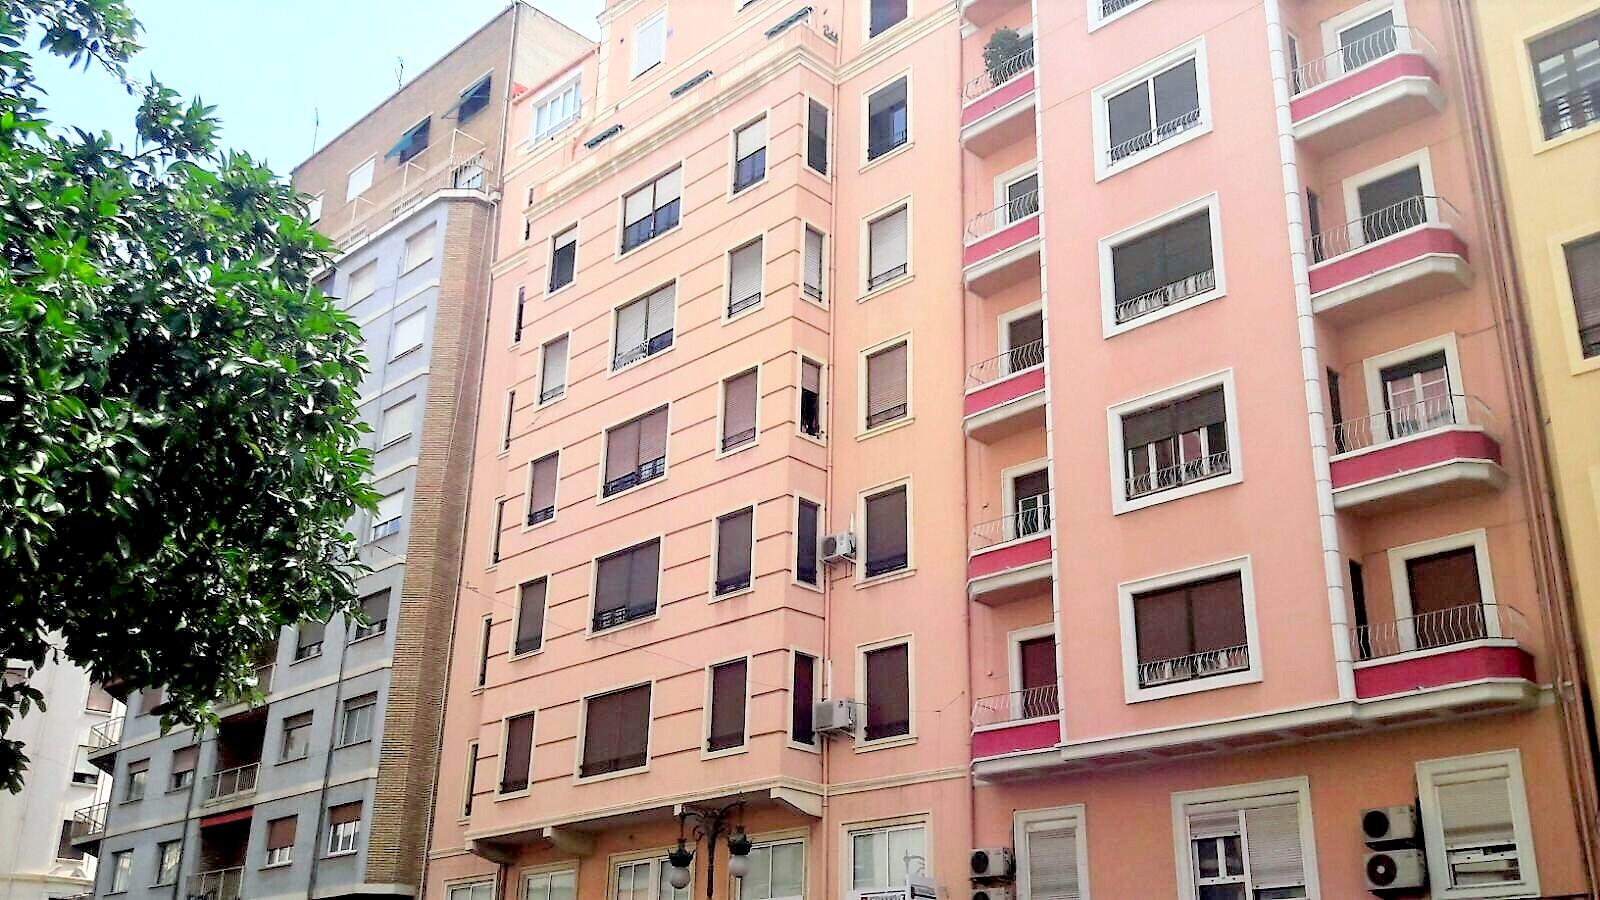 194993 - Piso en venta en Valencia / Piso junto a Plaza de España